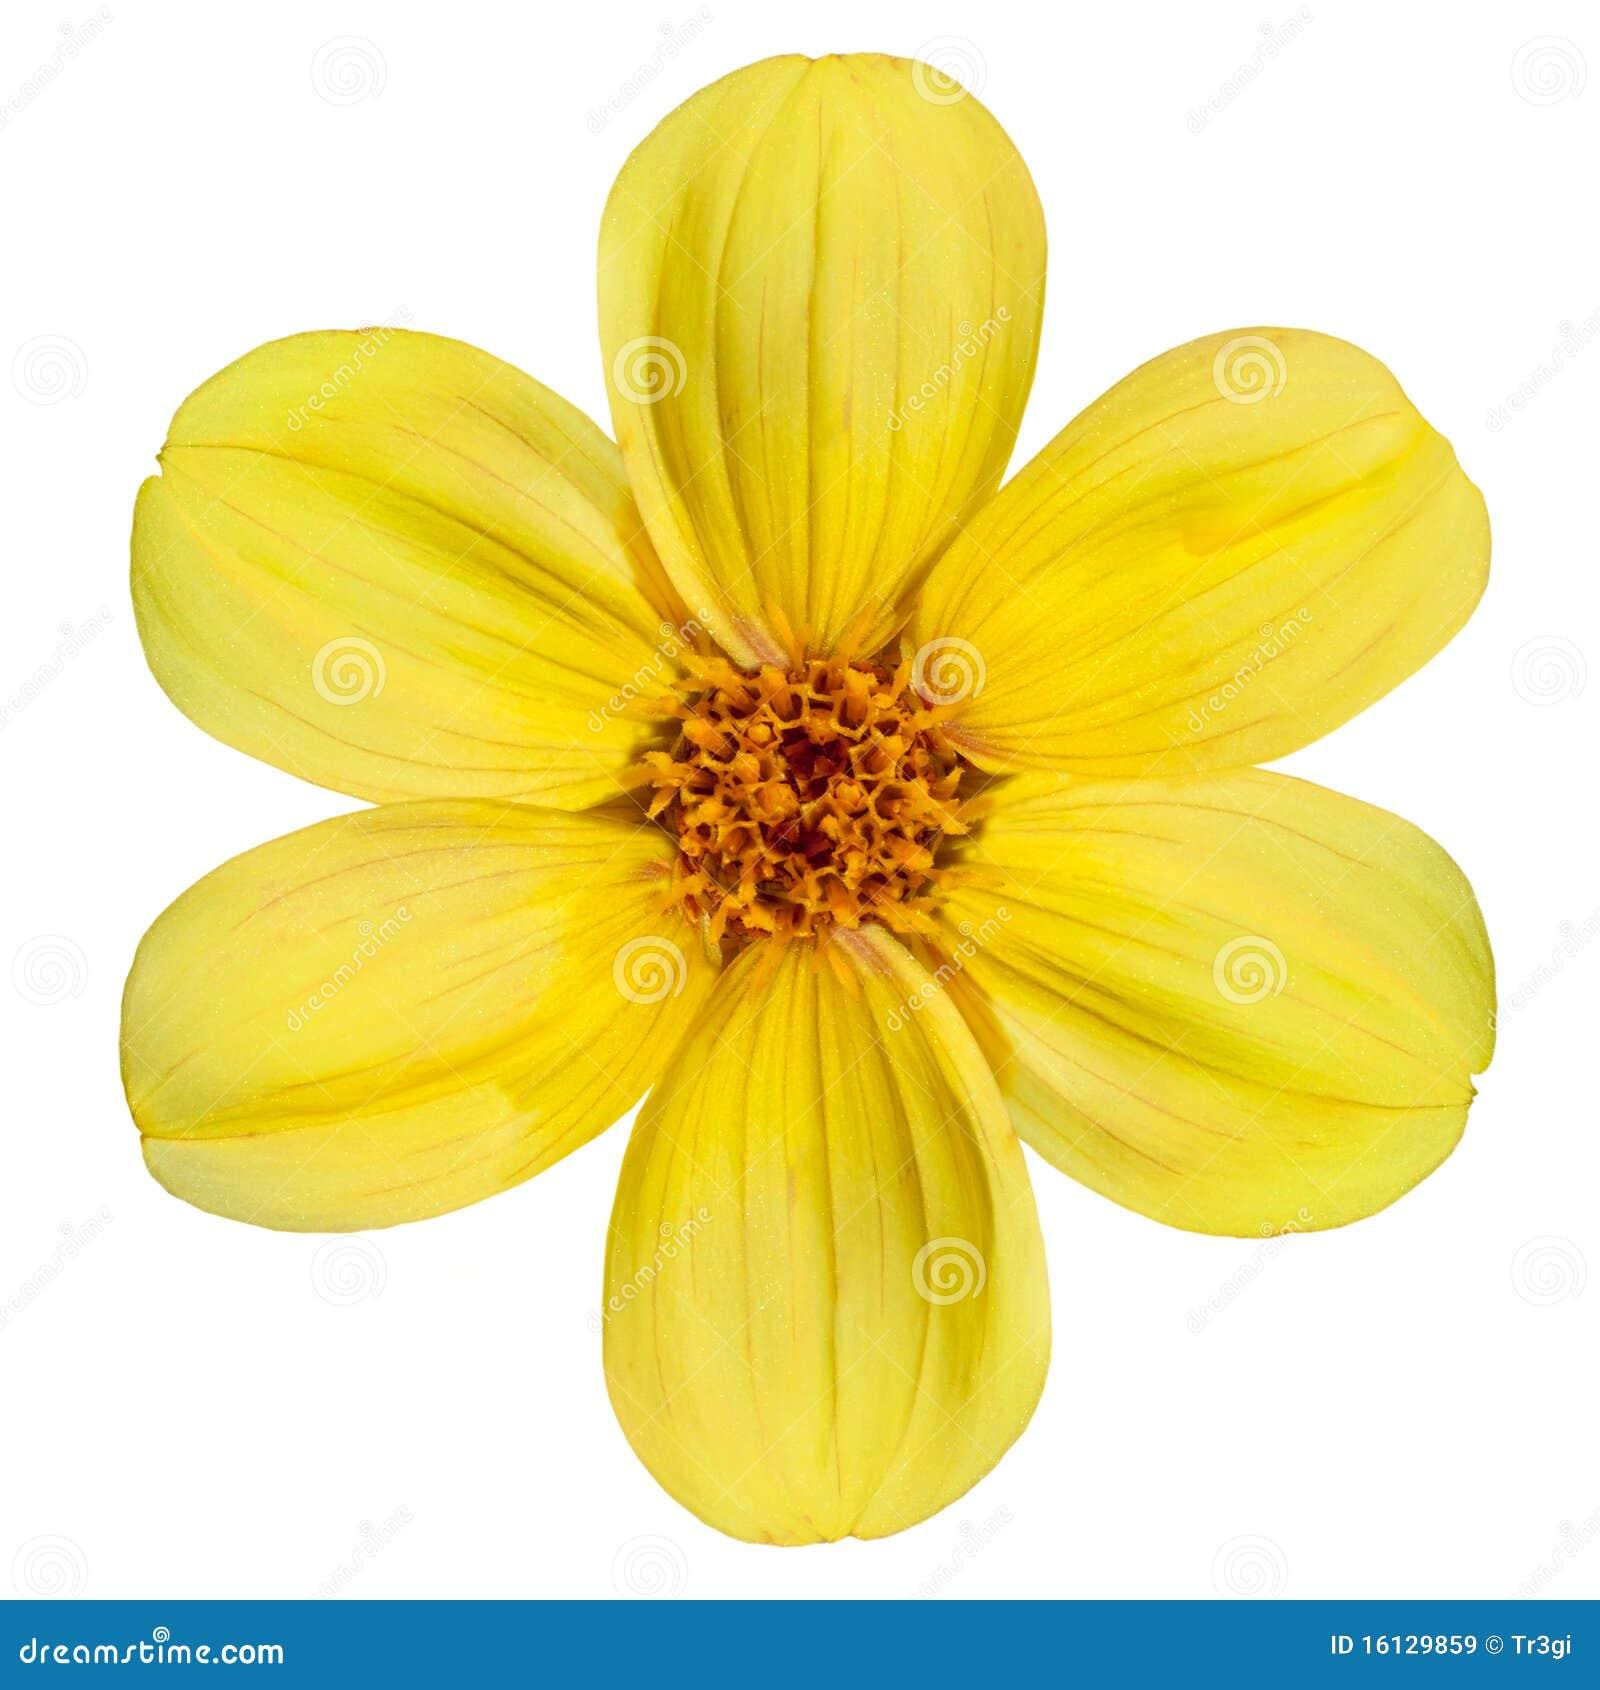 Fiore Giallo 6 Petali.Fiore Giallo Della Dalia Isolato Su Priorita Bassa Bianca Immagine